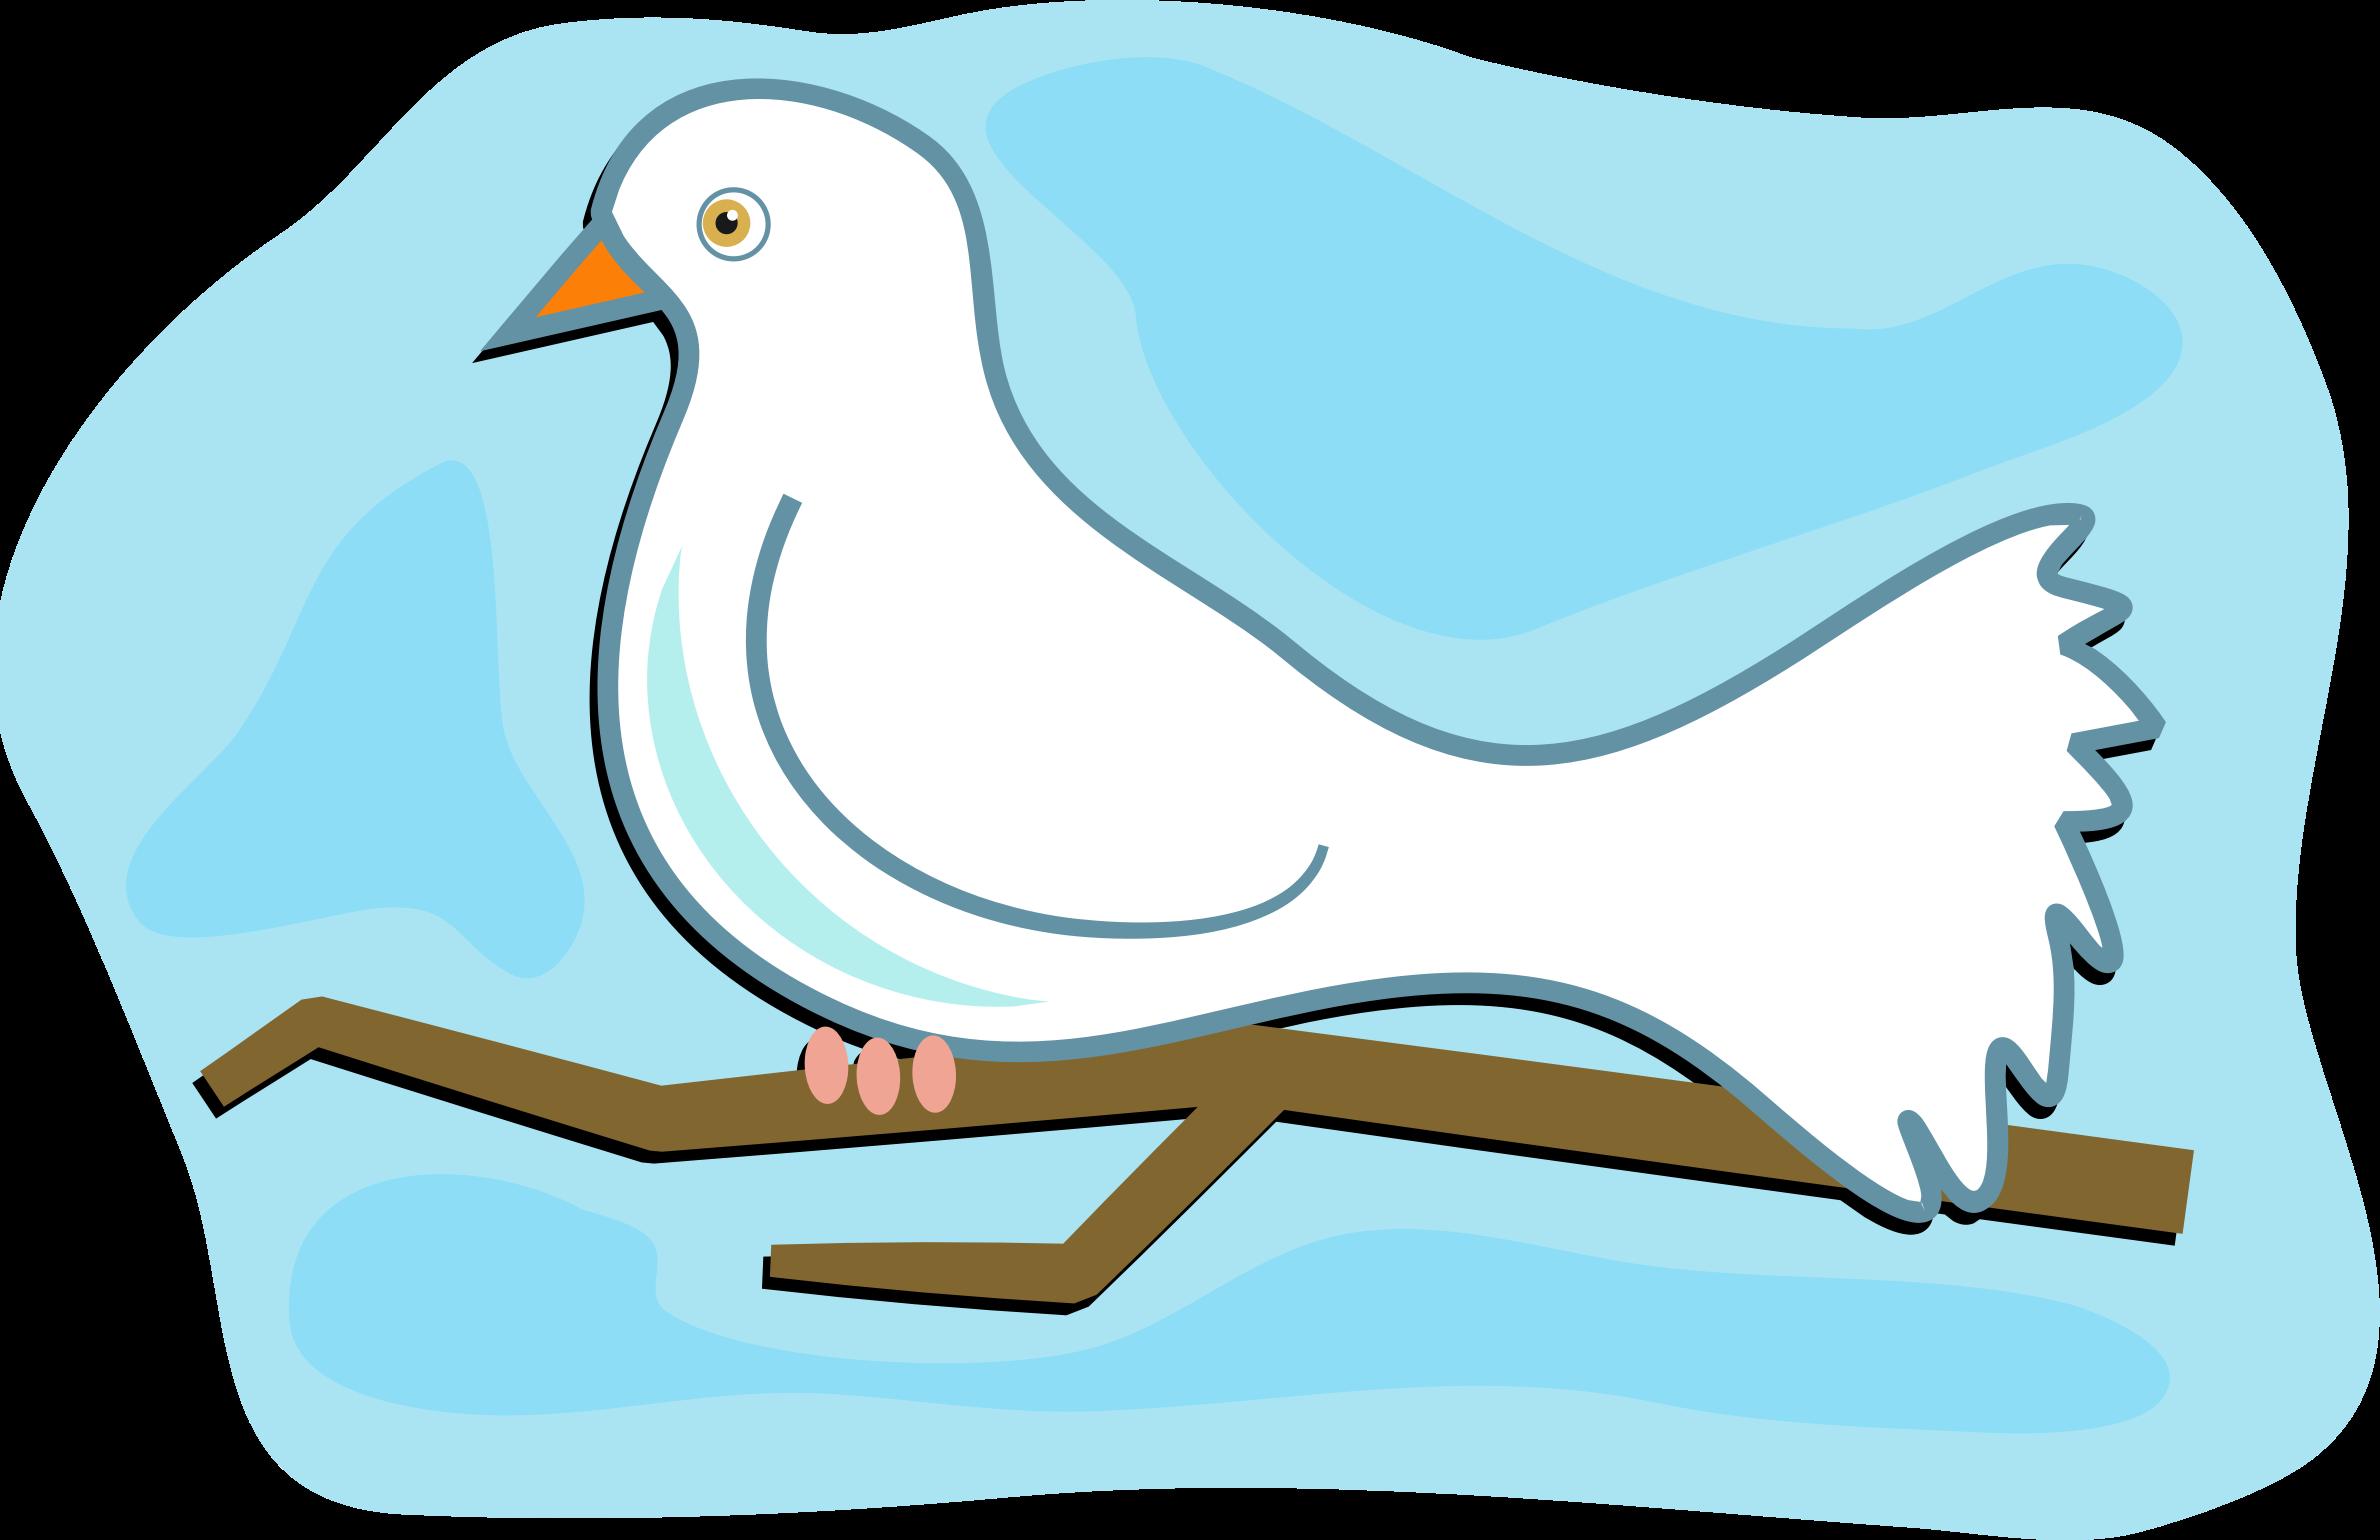 Dove clipart cartoon, Dove cartoon Transparent FREE for.